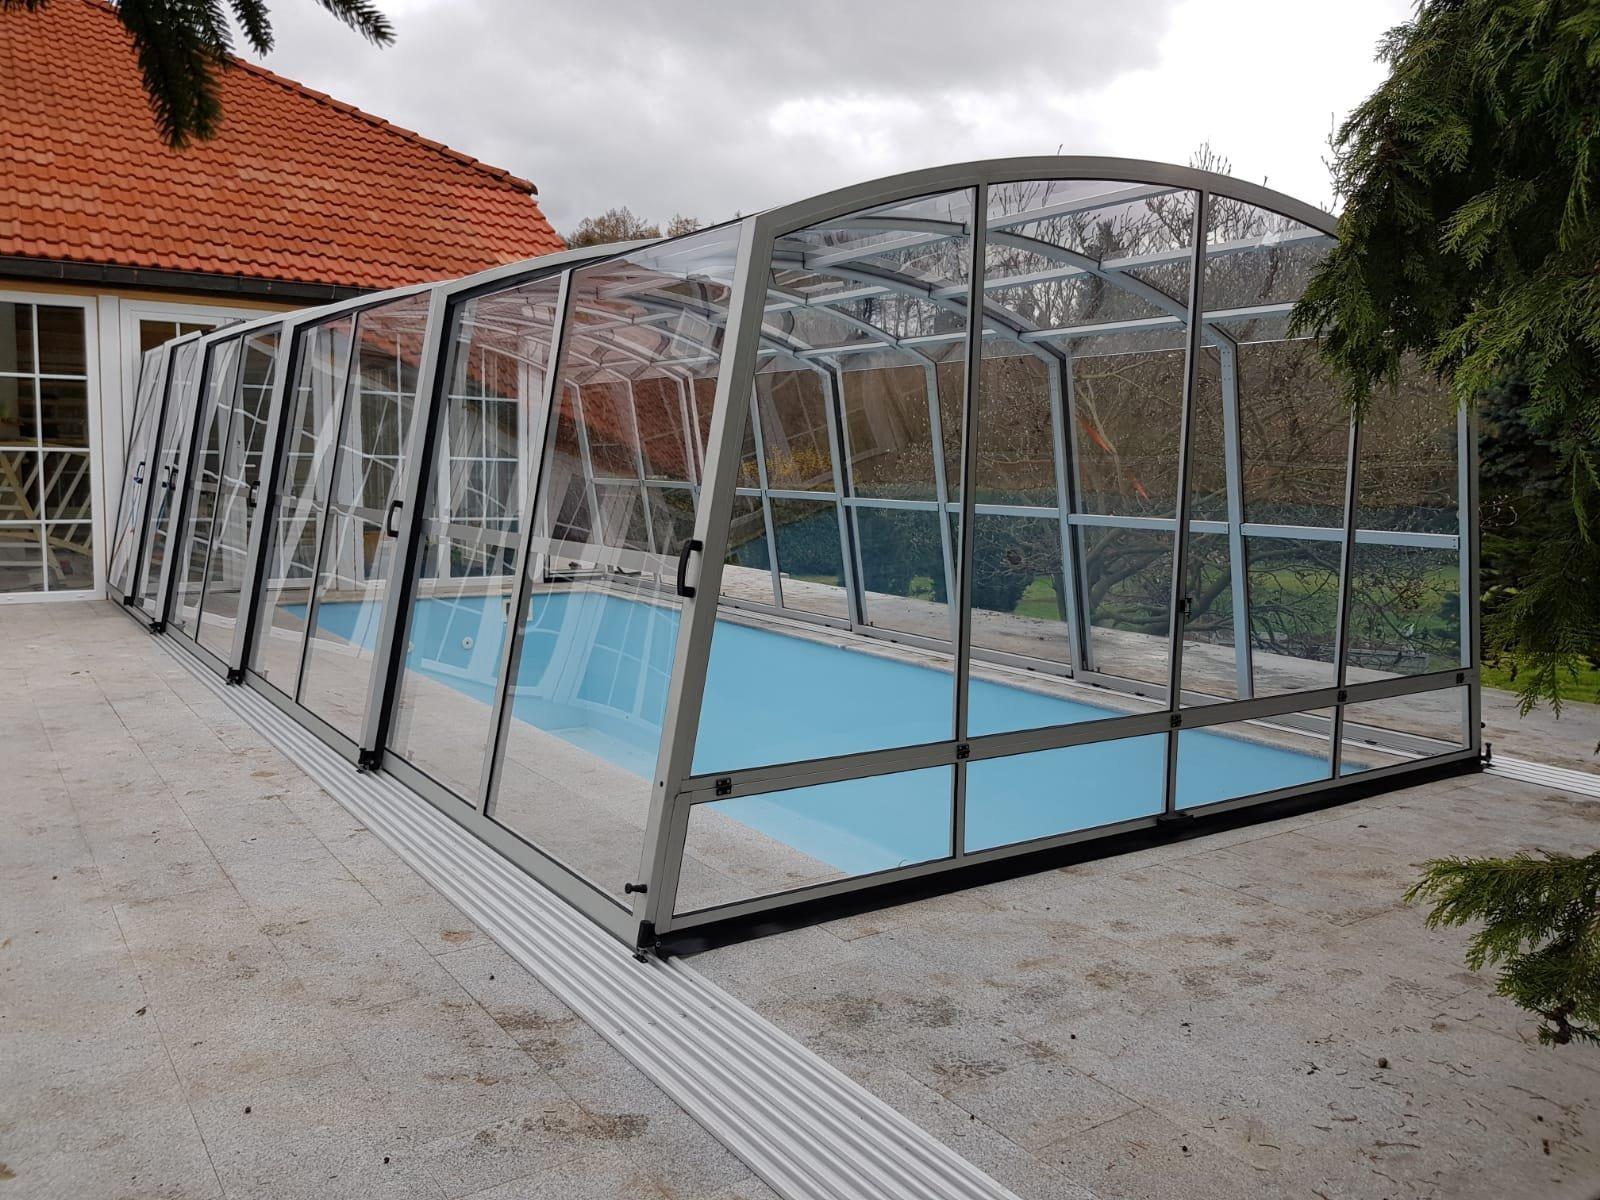 Nabízíme bezkolejnicové, jednokolejnicové nebo dvoukolejnicové zastřešení bazénů. Vyrábíme standardní i atypické zastřešení ve vysoké kvalitě a v různých…